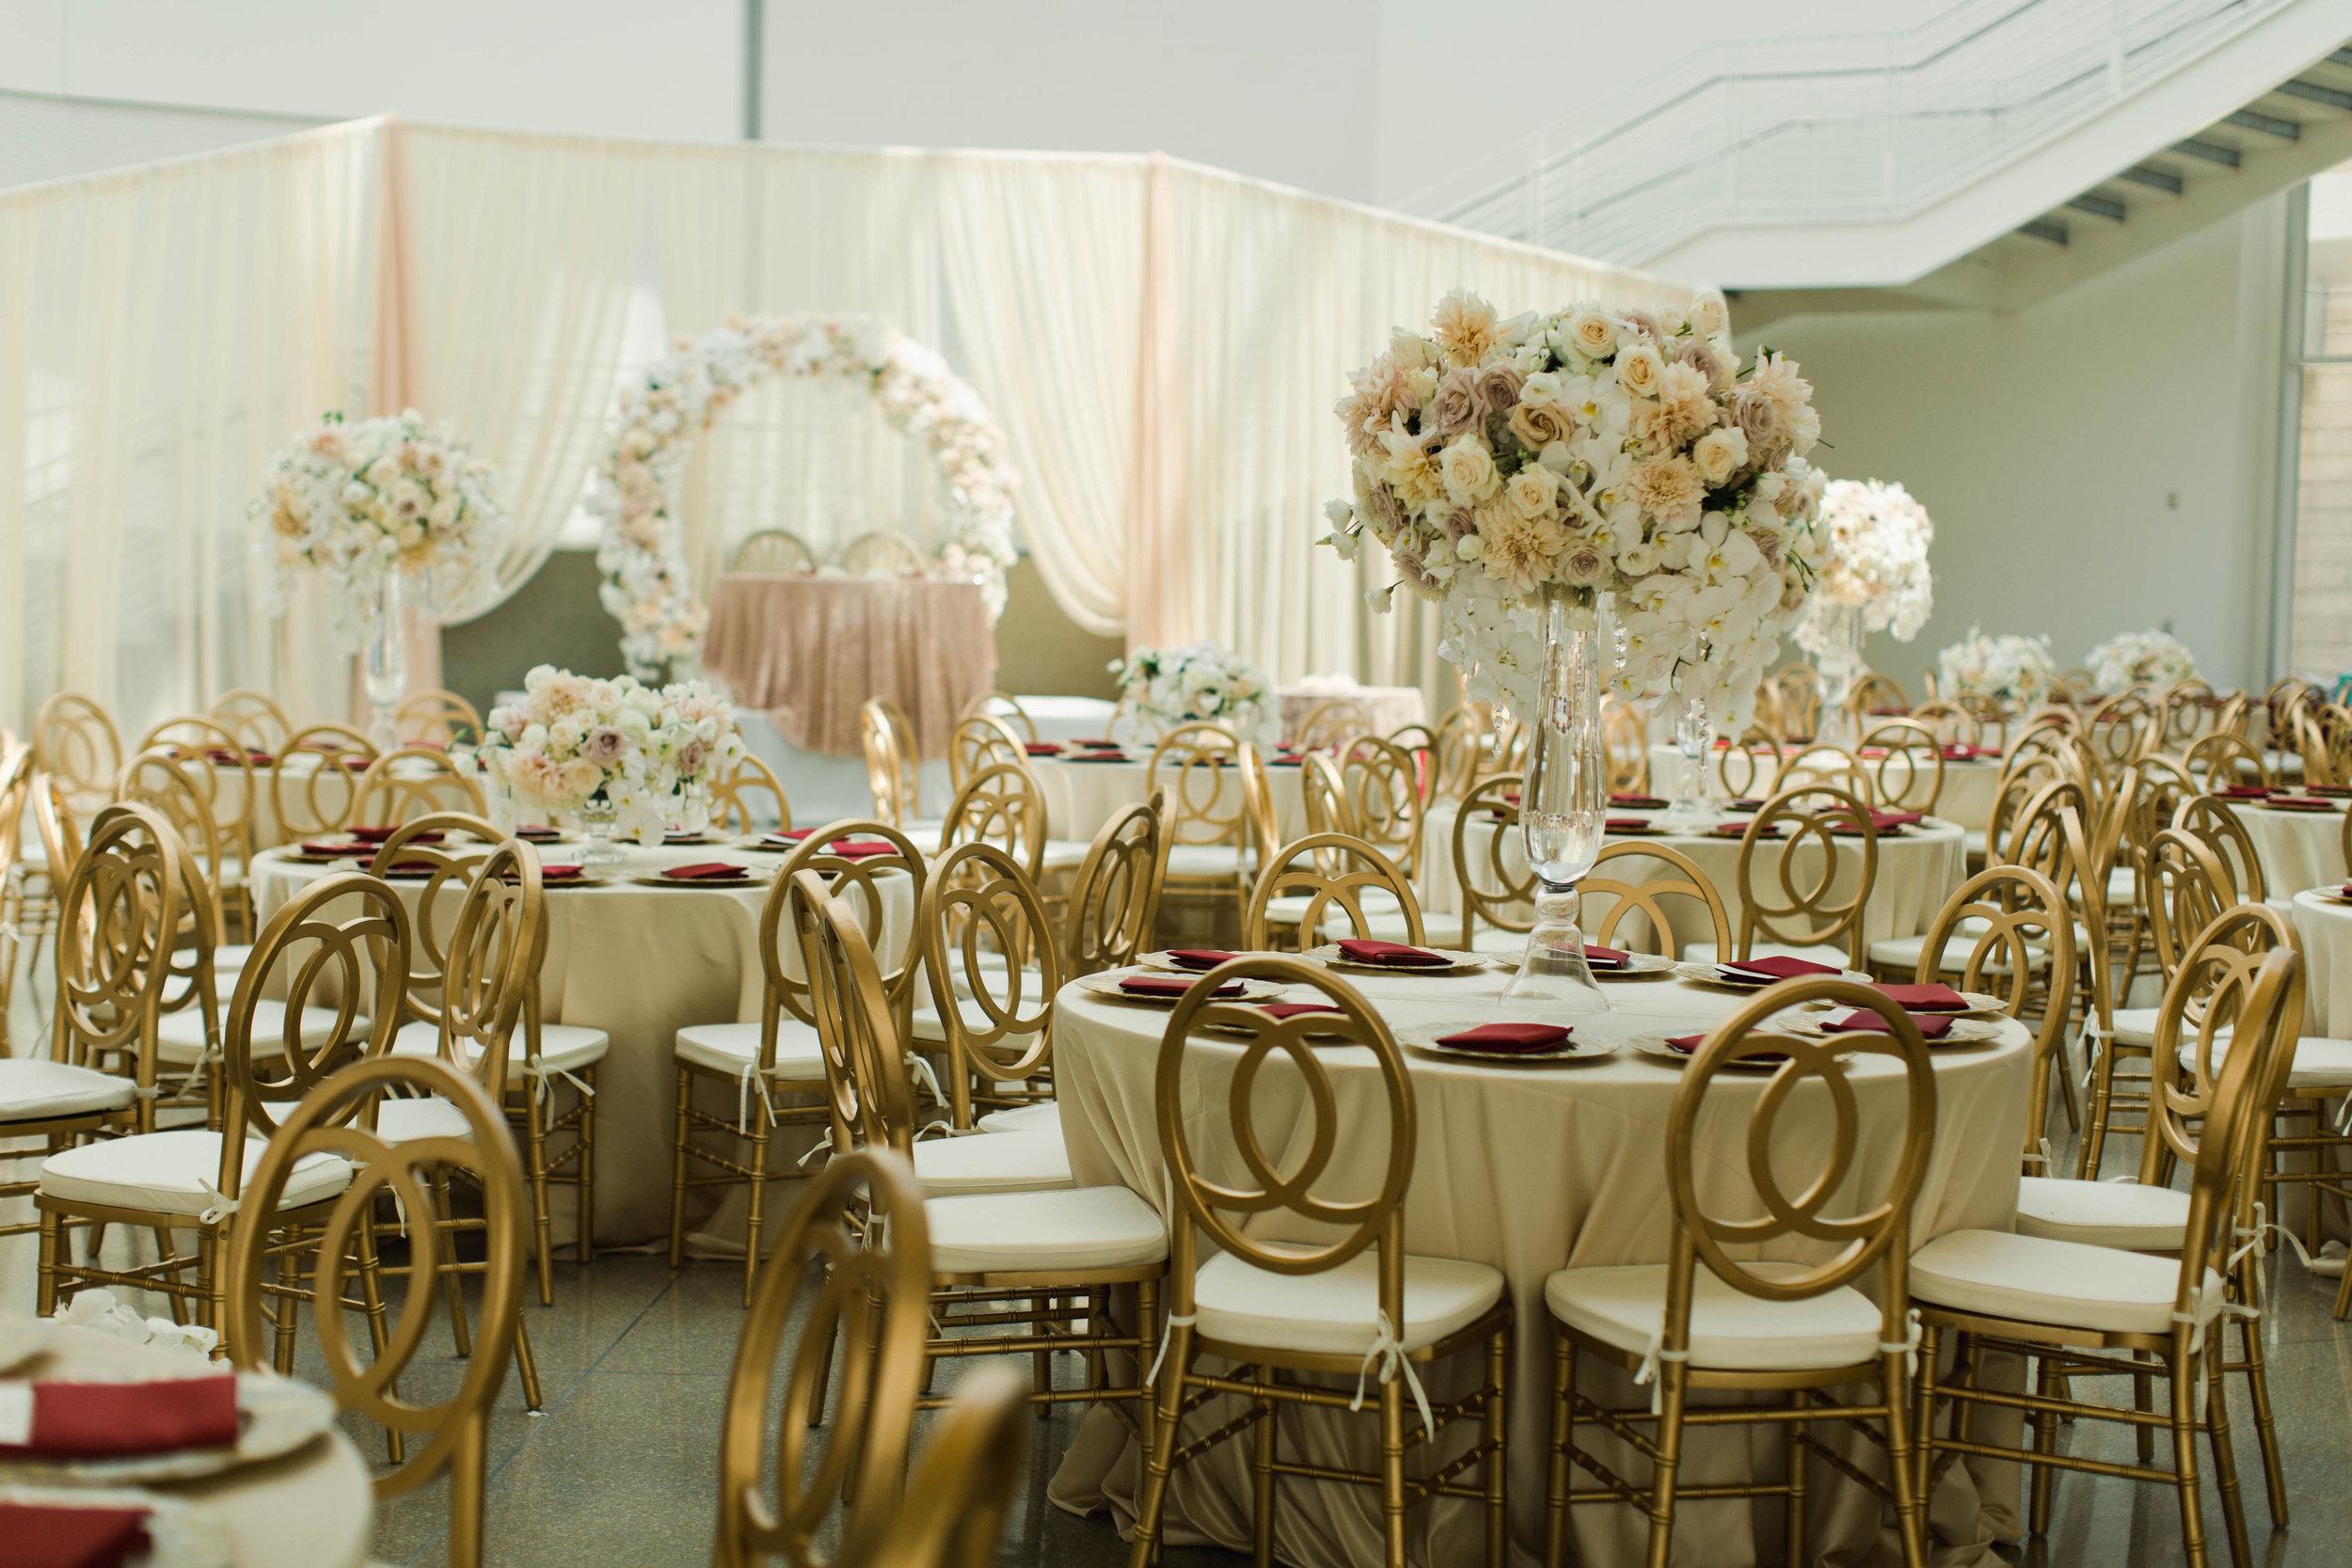 Vo Floral Design_SF Bay Area Florist_San Jose florist_CityHa-0010.jpg